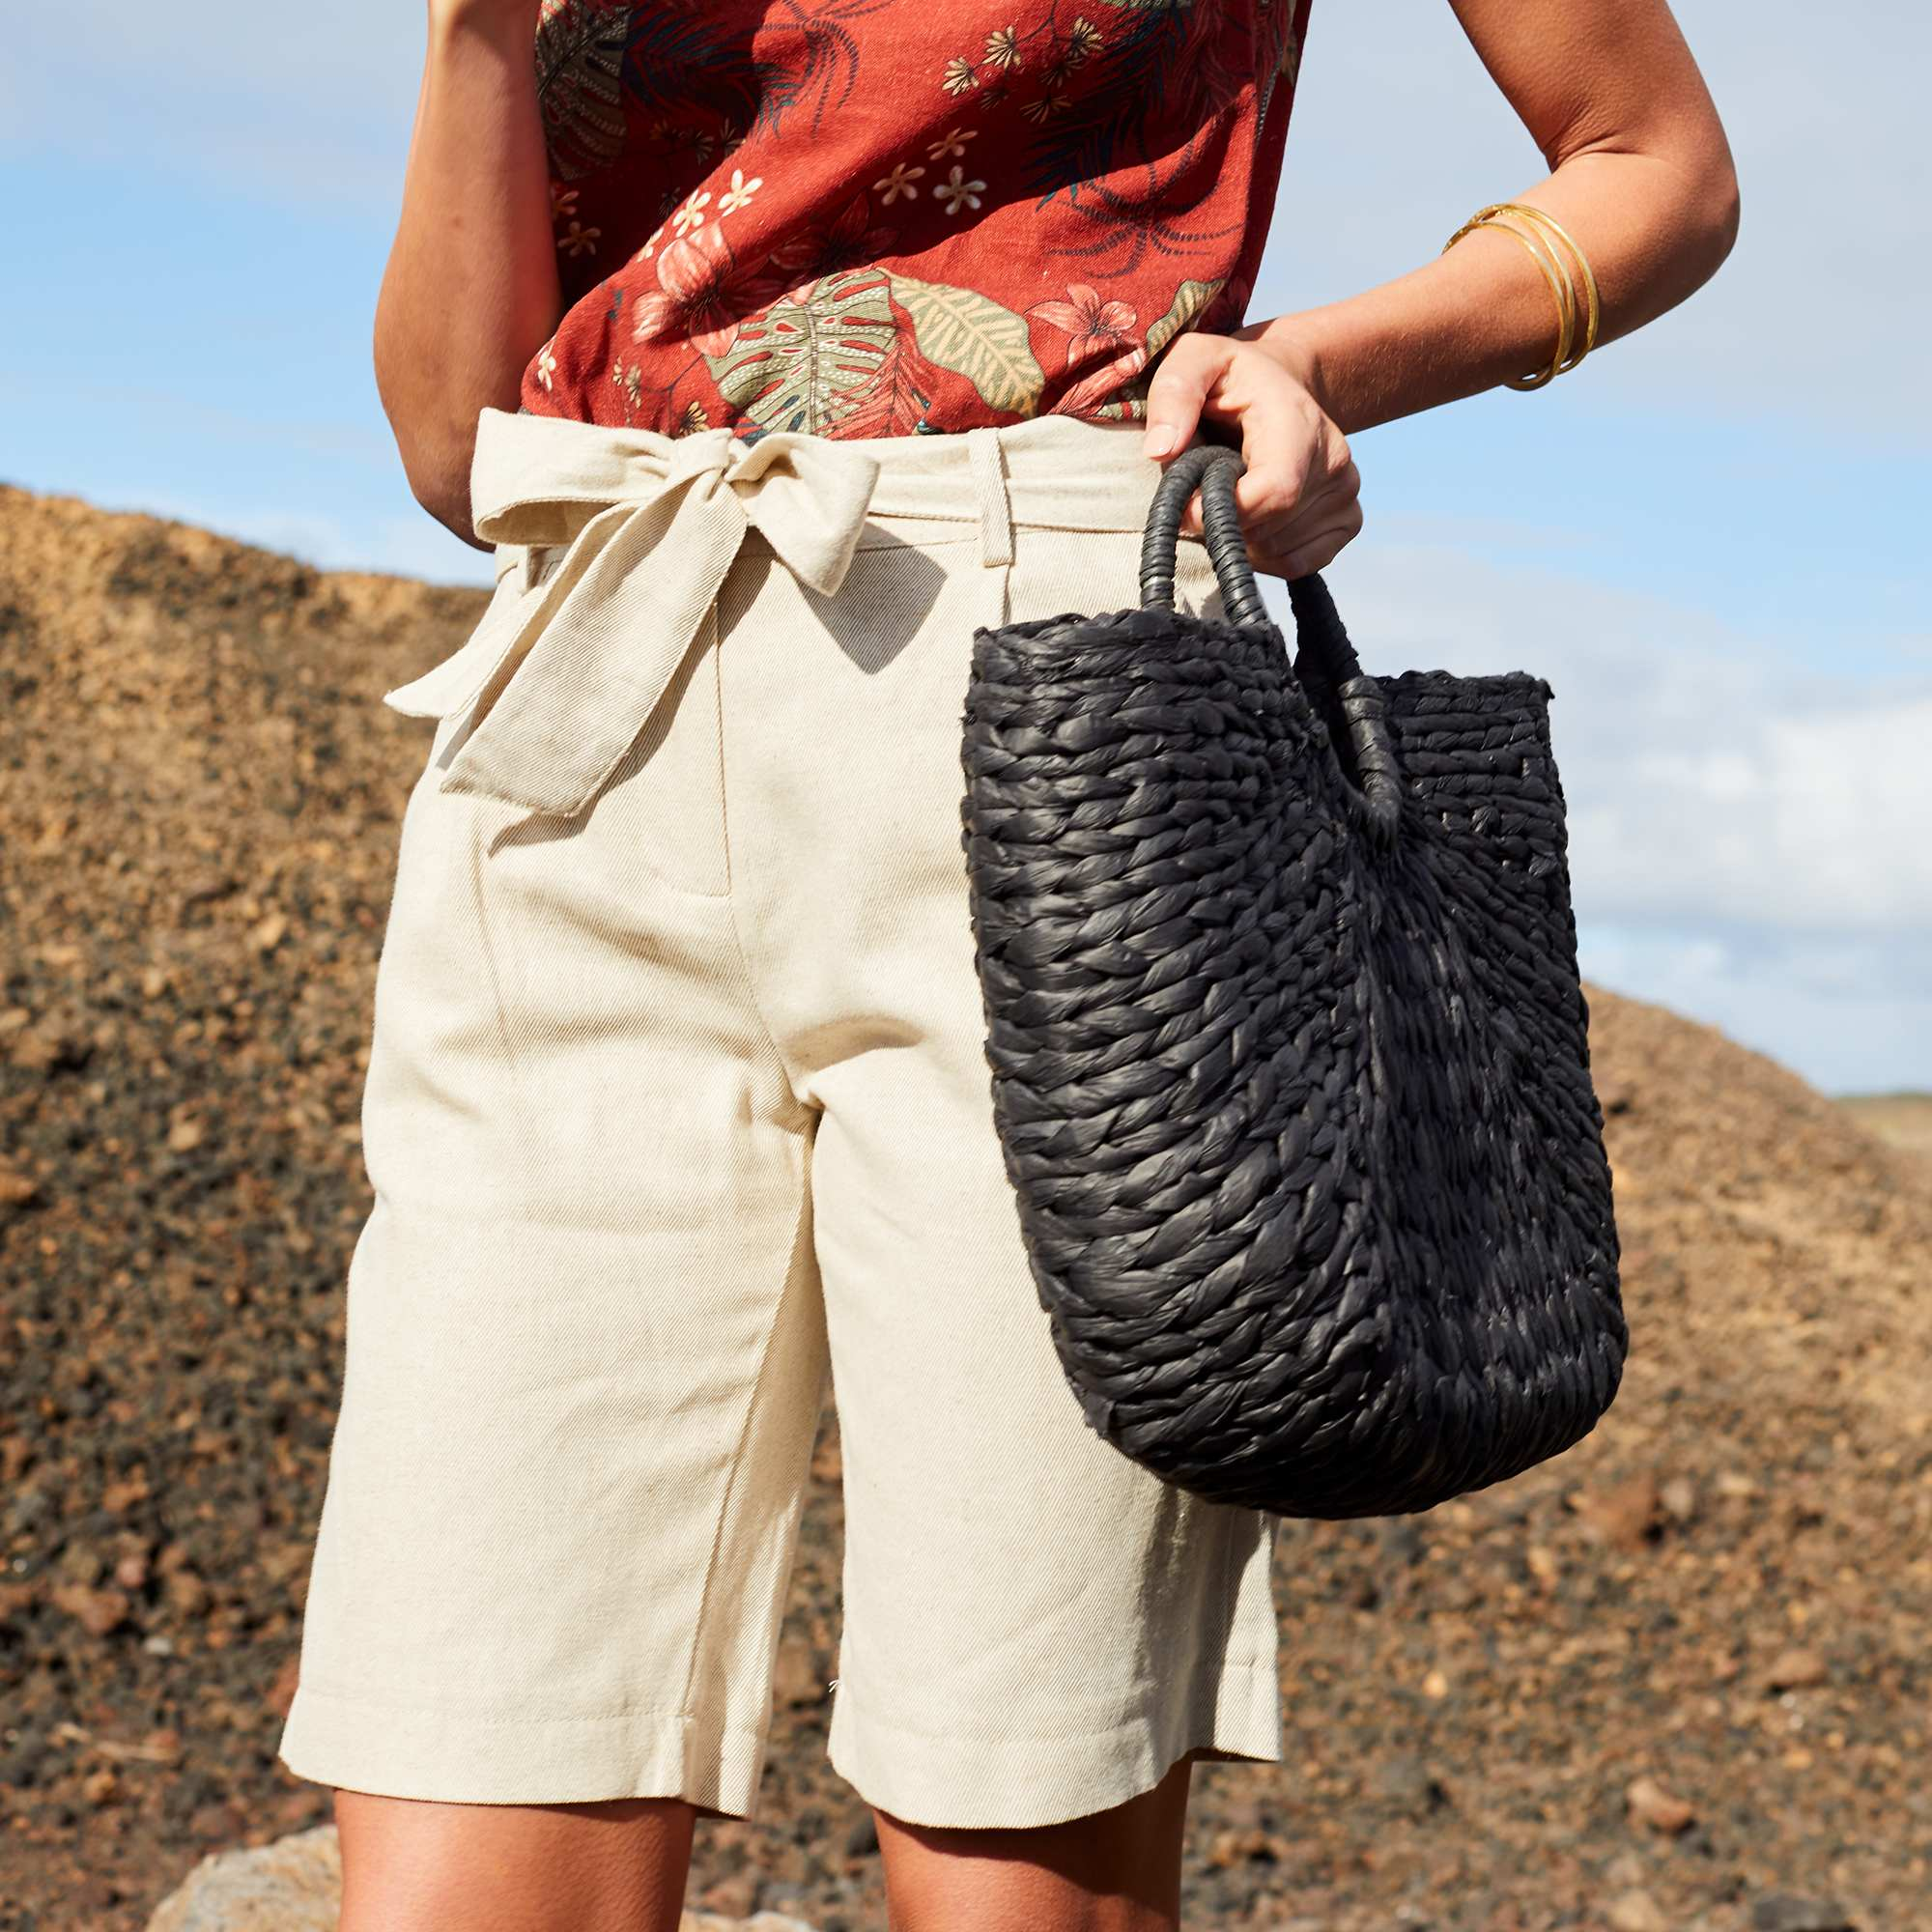 186182f776b93 Bermuda en coton et lin Femme - beige - Kiabi - 13,50€